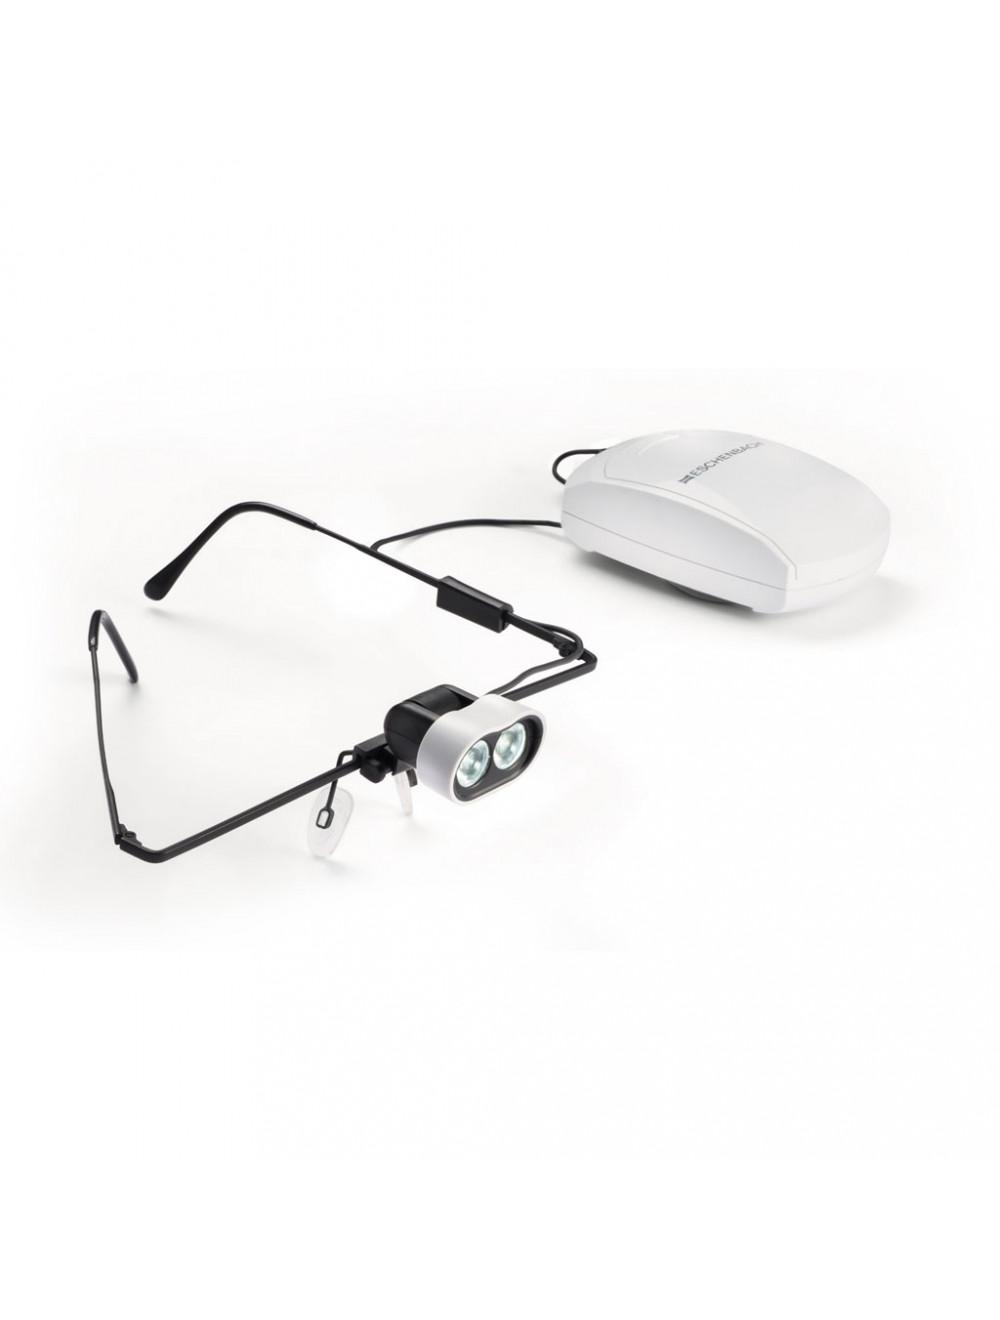 Das Produkt Eschenbach headlightLED, mit Tragesystem für Nicht-Brillenträger 160421 aus dem Global-dent online shop.